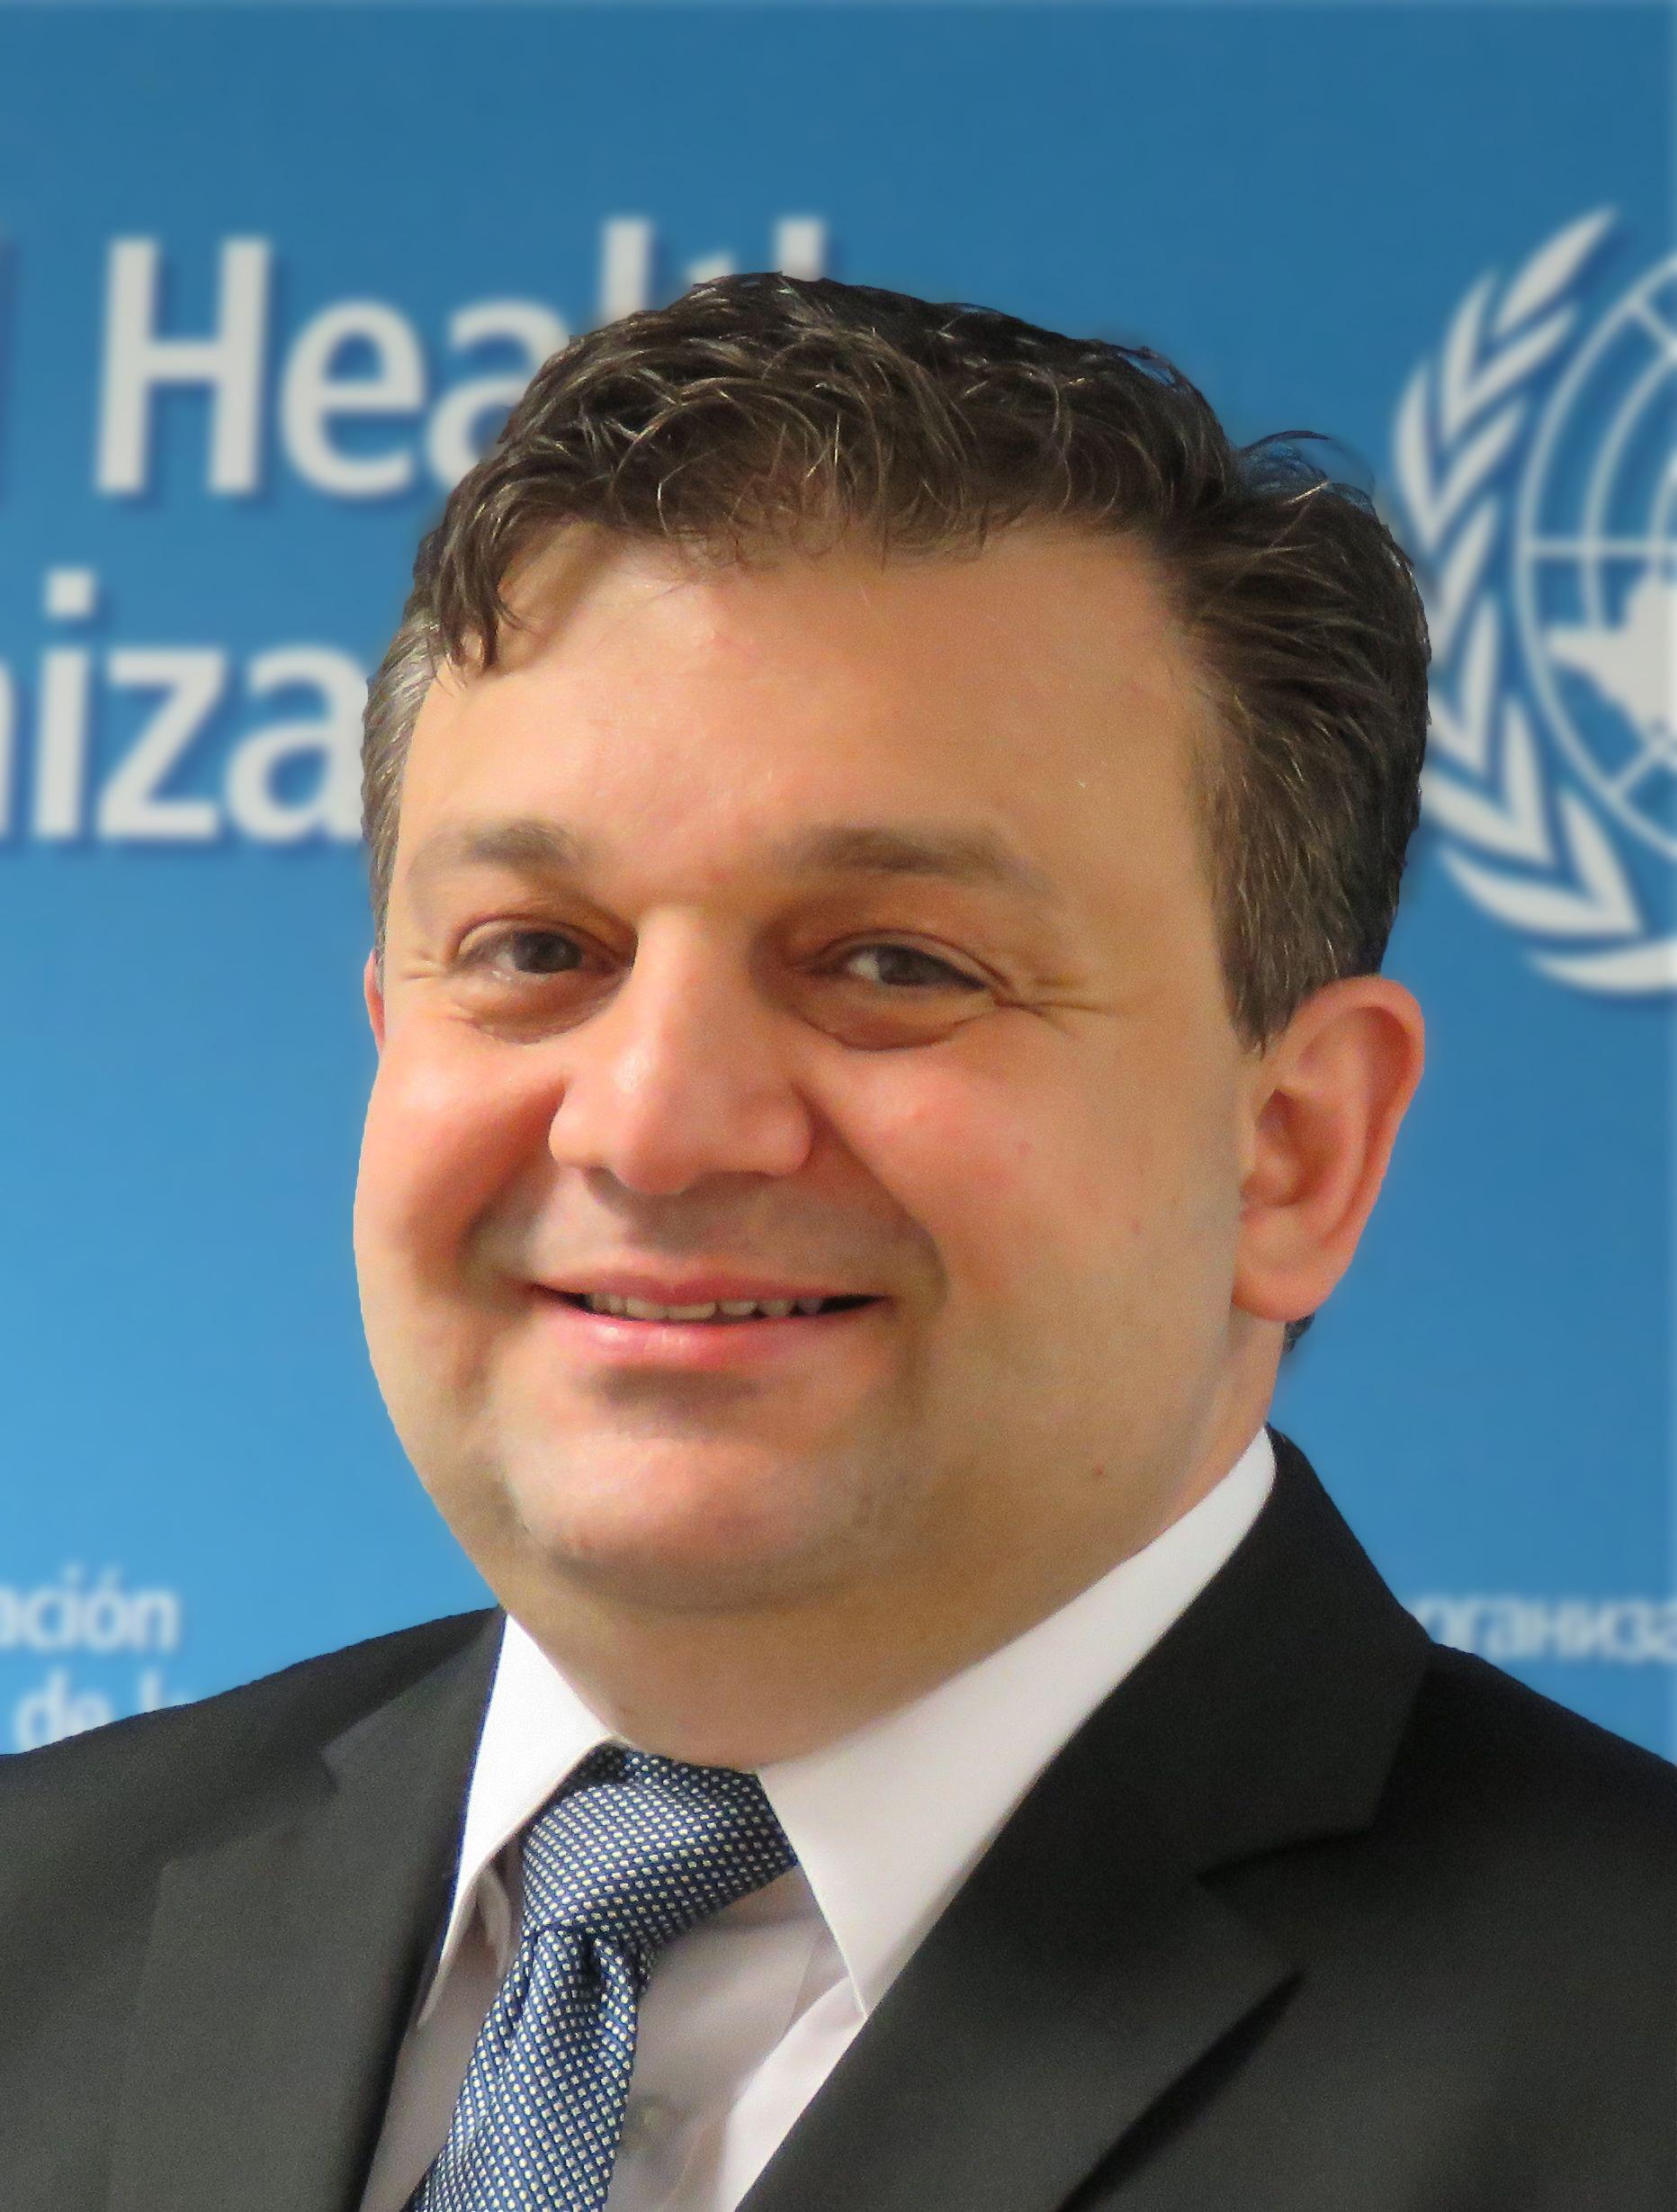 Garry Aslanyan